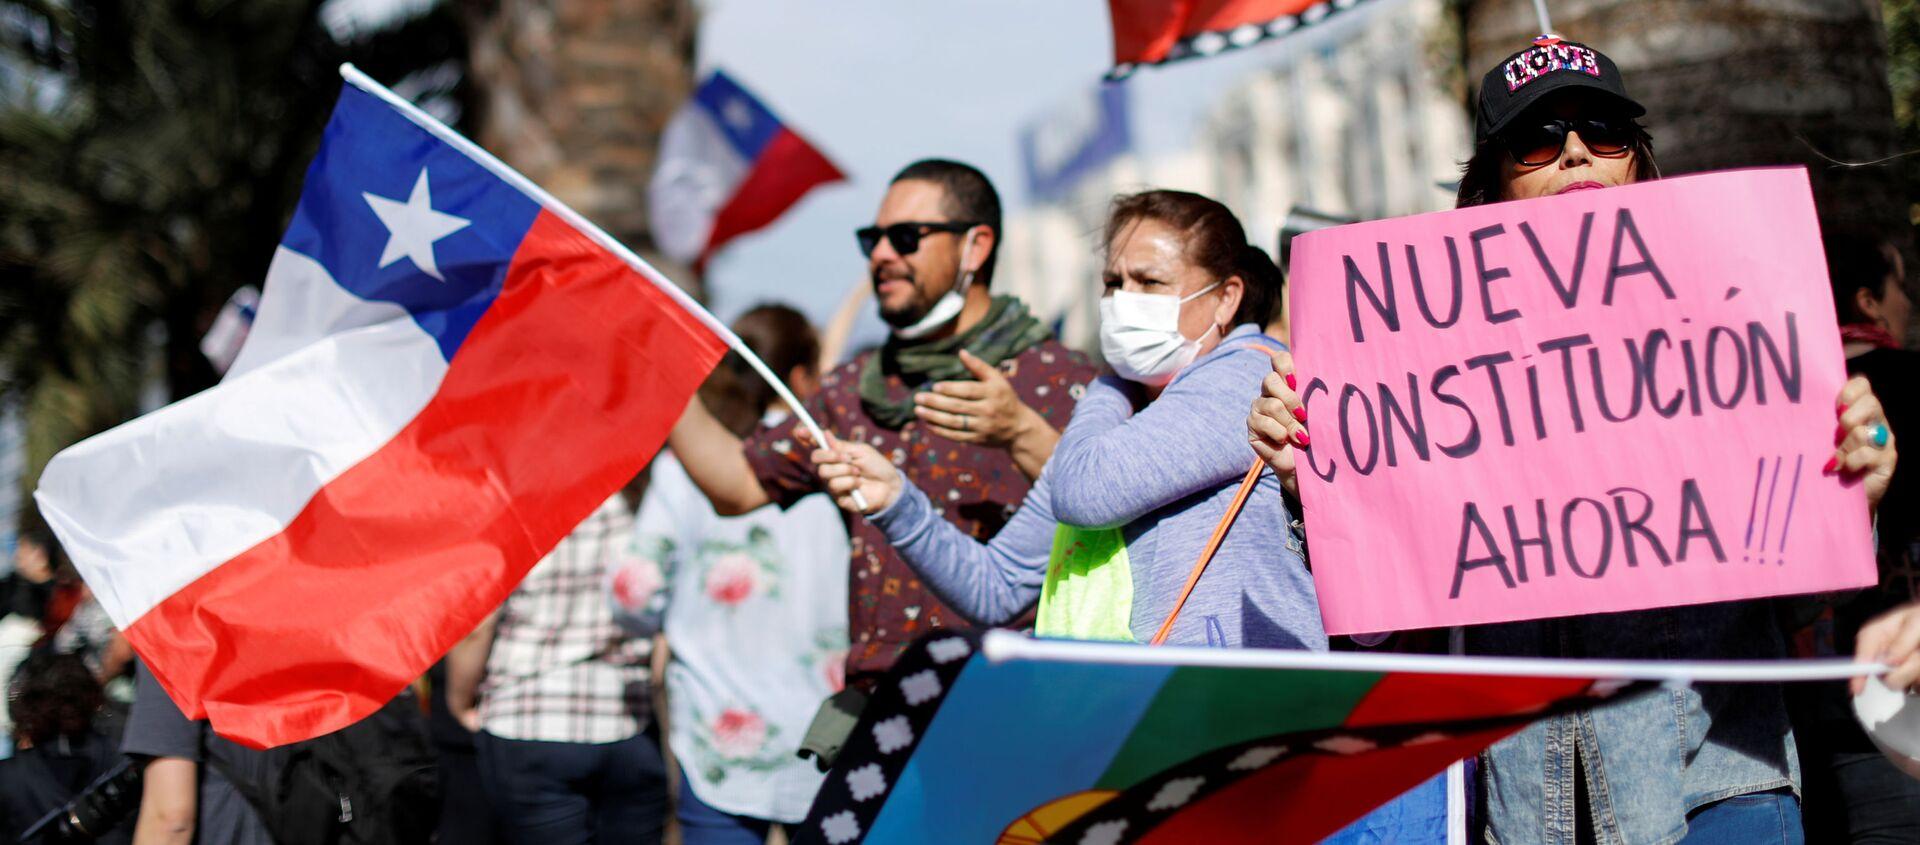 Protestas en Chile - Sputnik Mundo, 1920, 08.11.2019